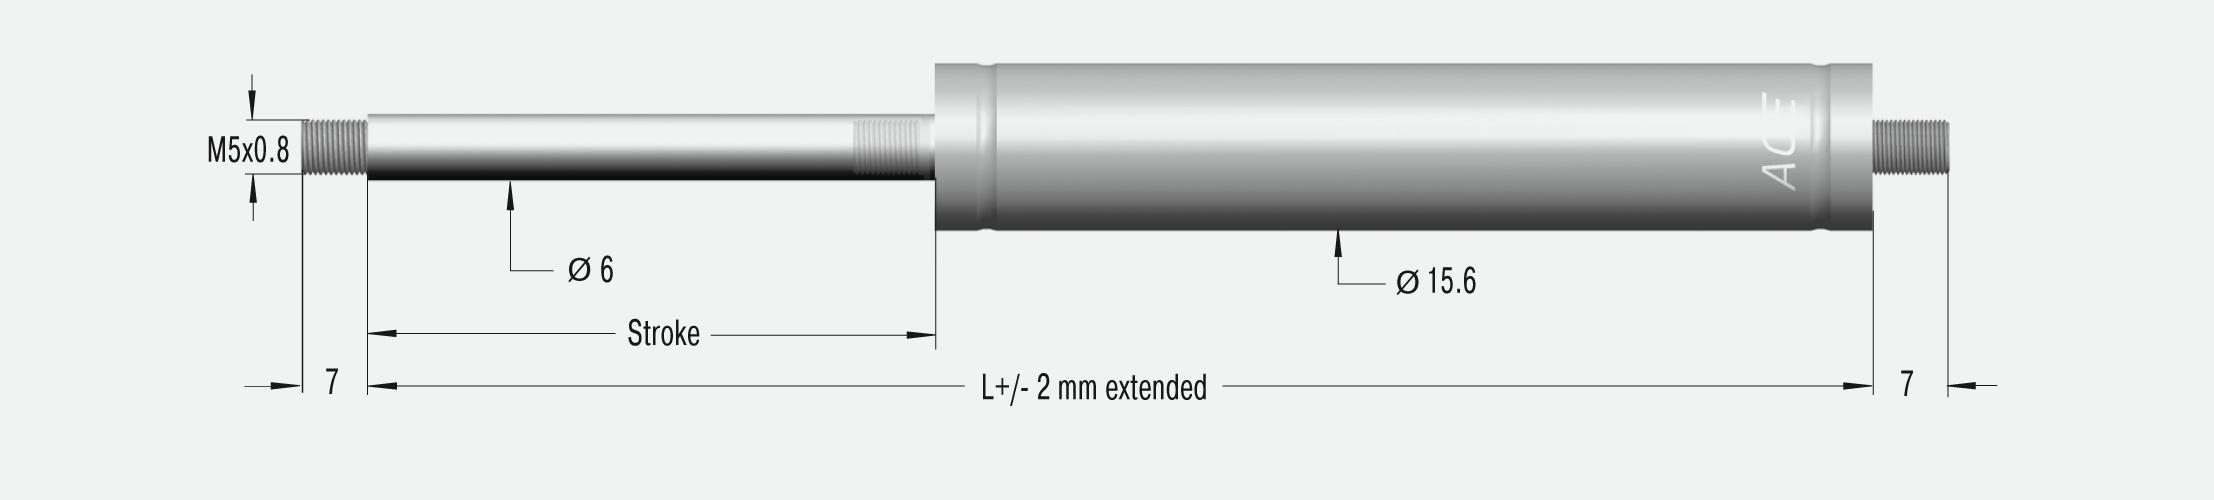 GS-15-50-V4A